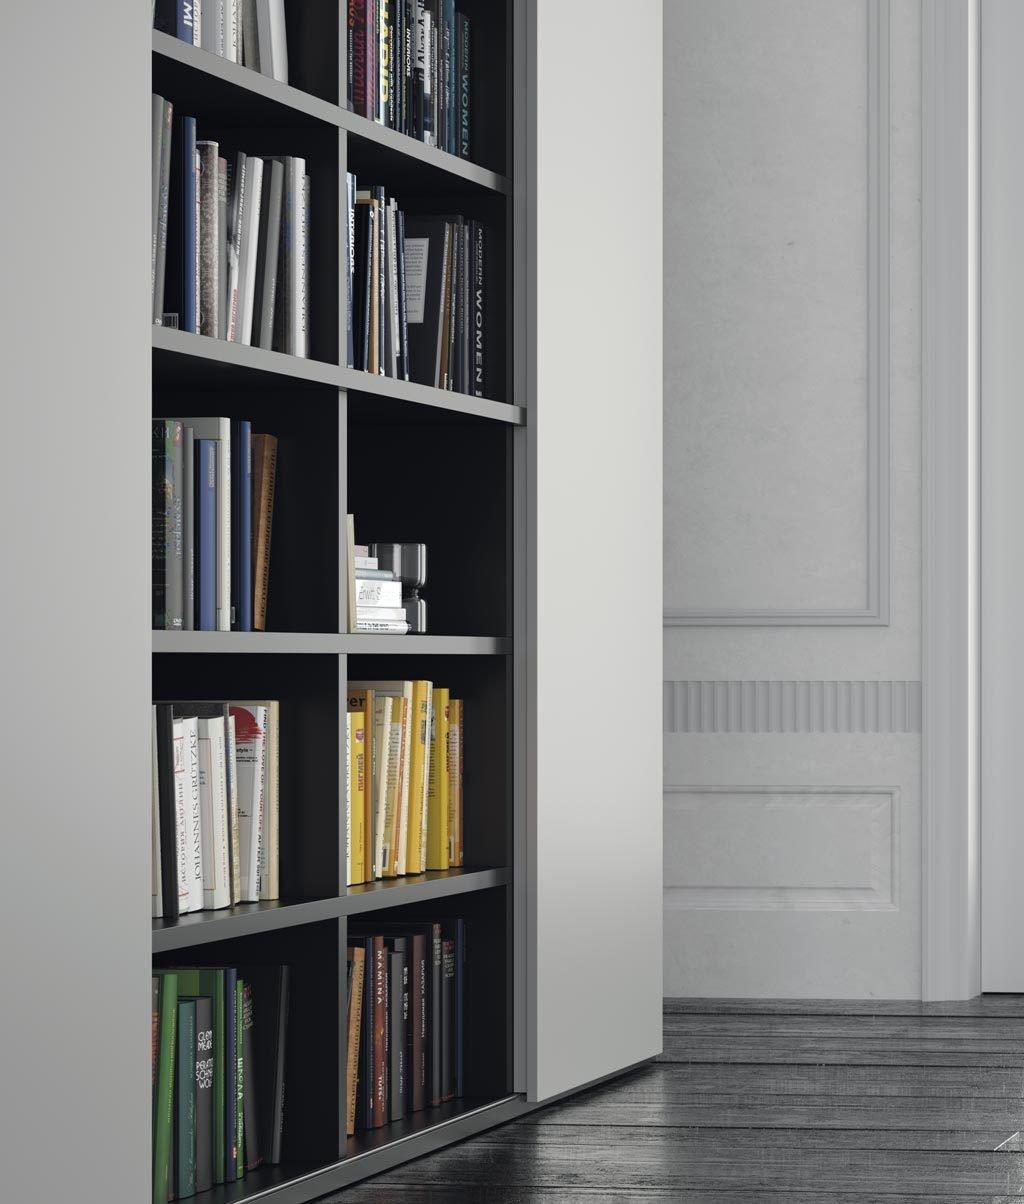 Detalle de los estantes de la librería